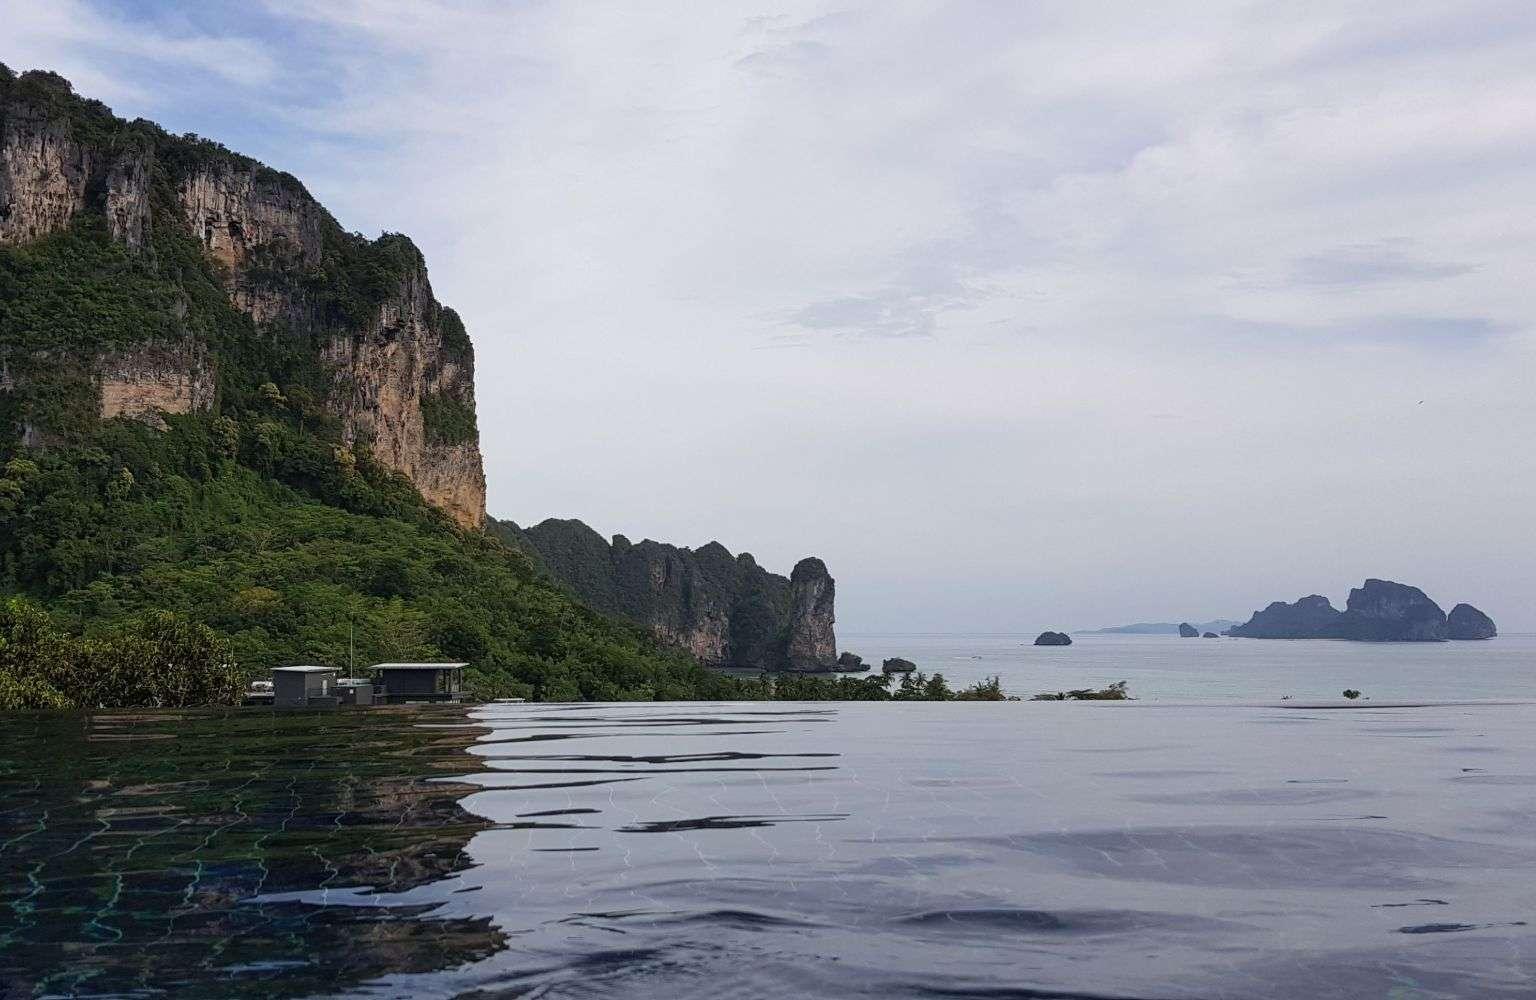 De infinity pool van het Aonang Cliff Beach Reort met uitzicht op de zee en kalksteen rotsen van Ao Nang in Krabi, Thailand